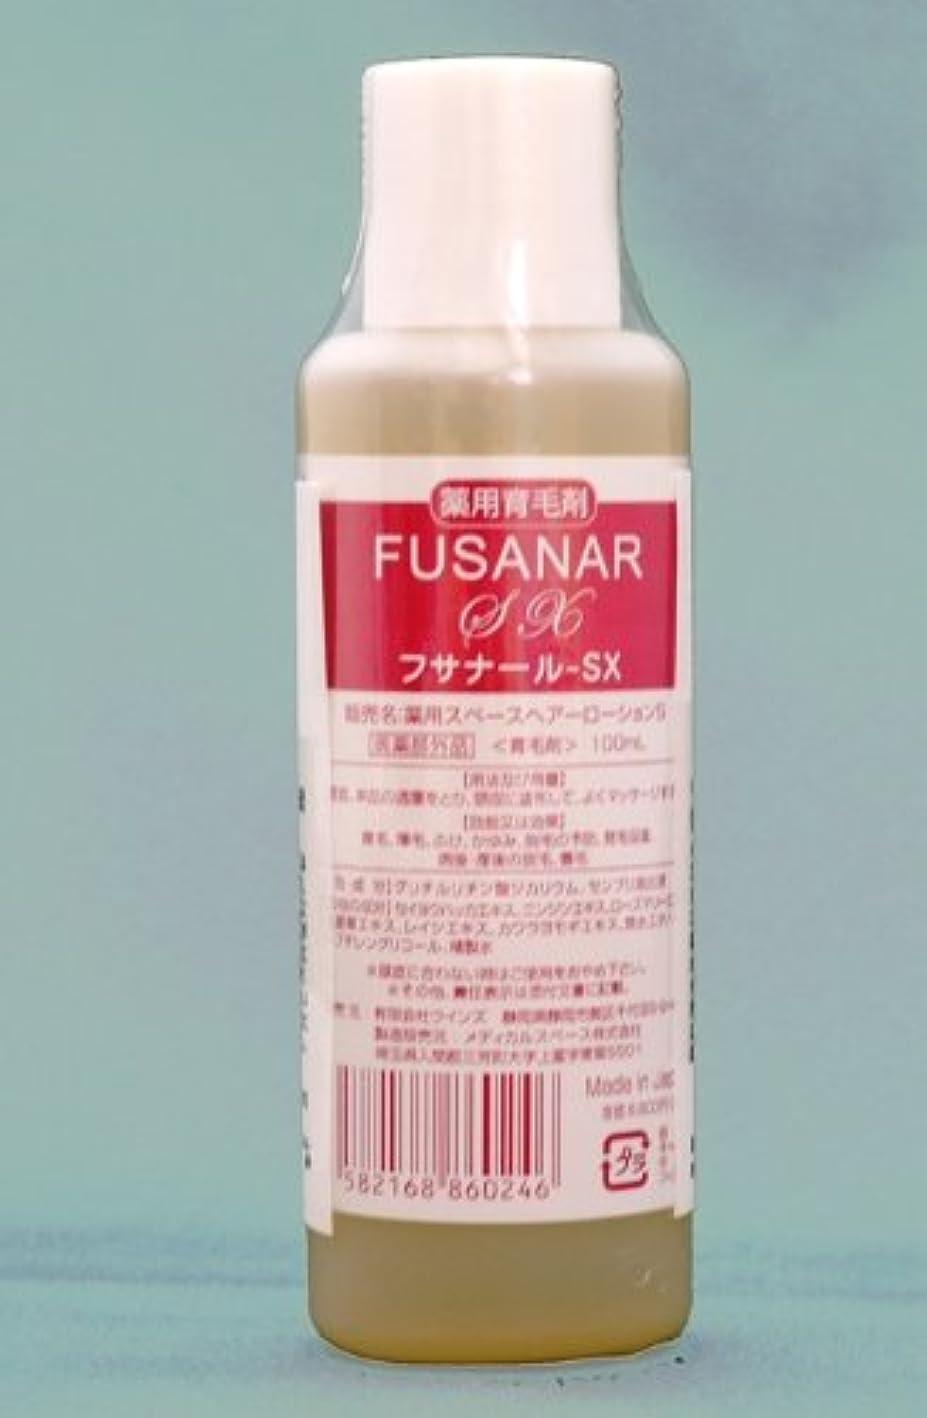 払い戻しの慈悲でフォーラム薬用フサナールSX <男女兼用> 100%植物エキスの薬用育毛剤